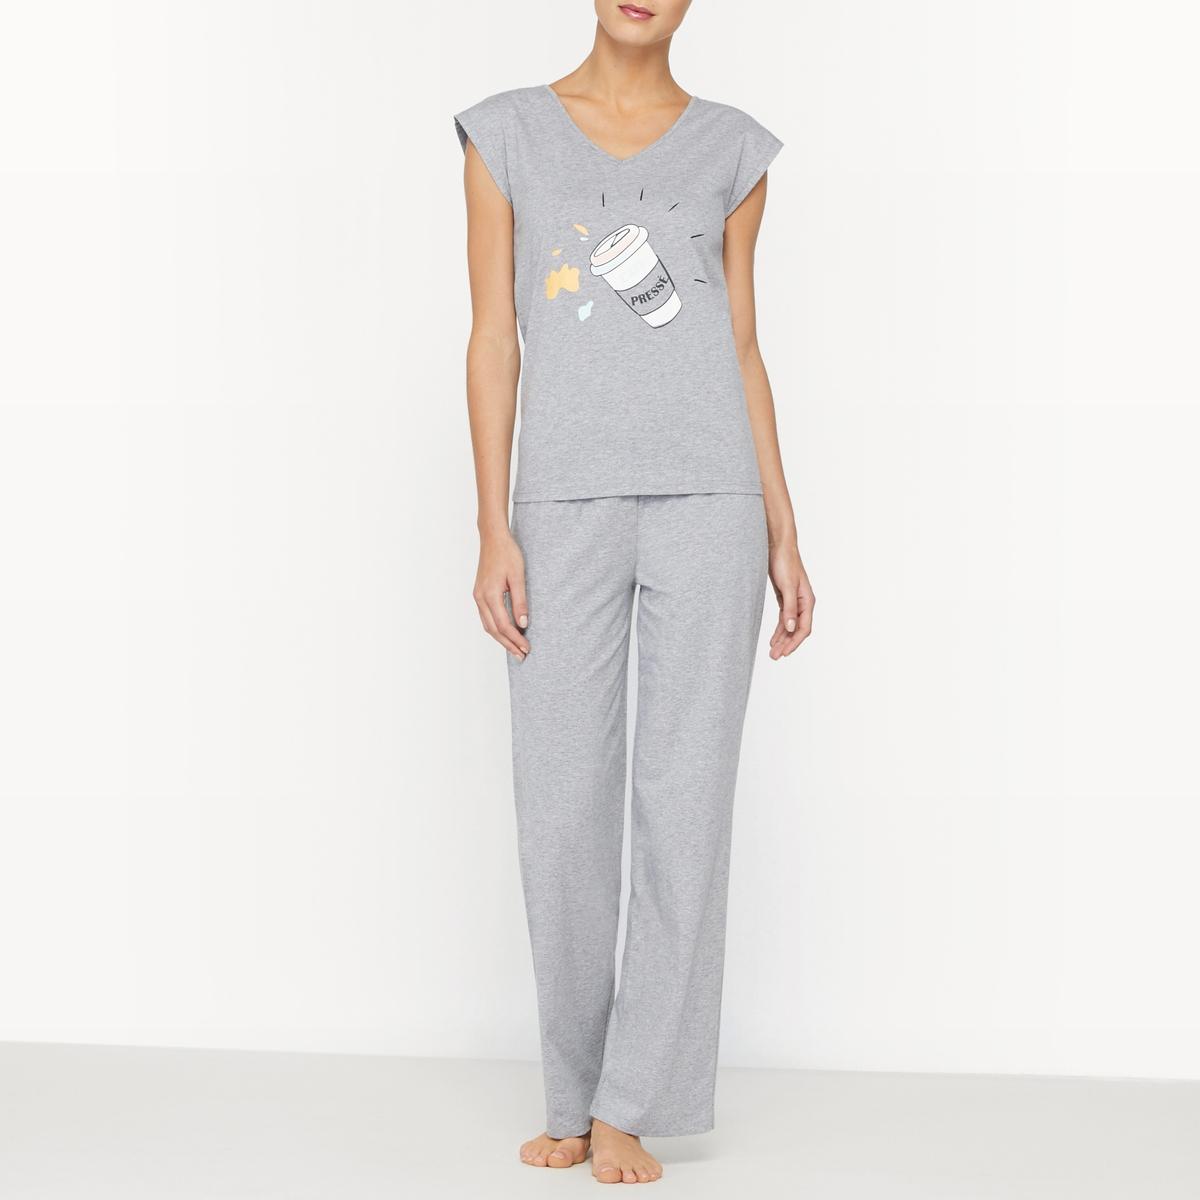 Пижама из 2 предметов, верх с рисунком